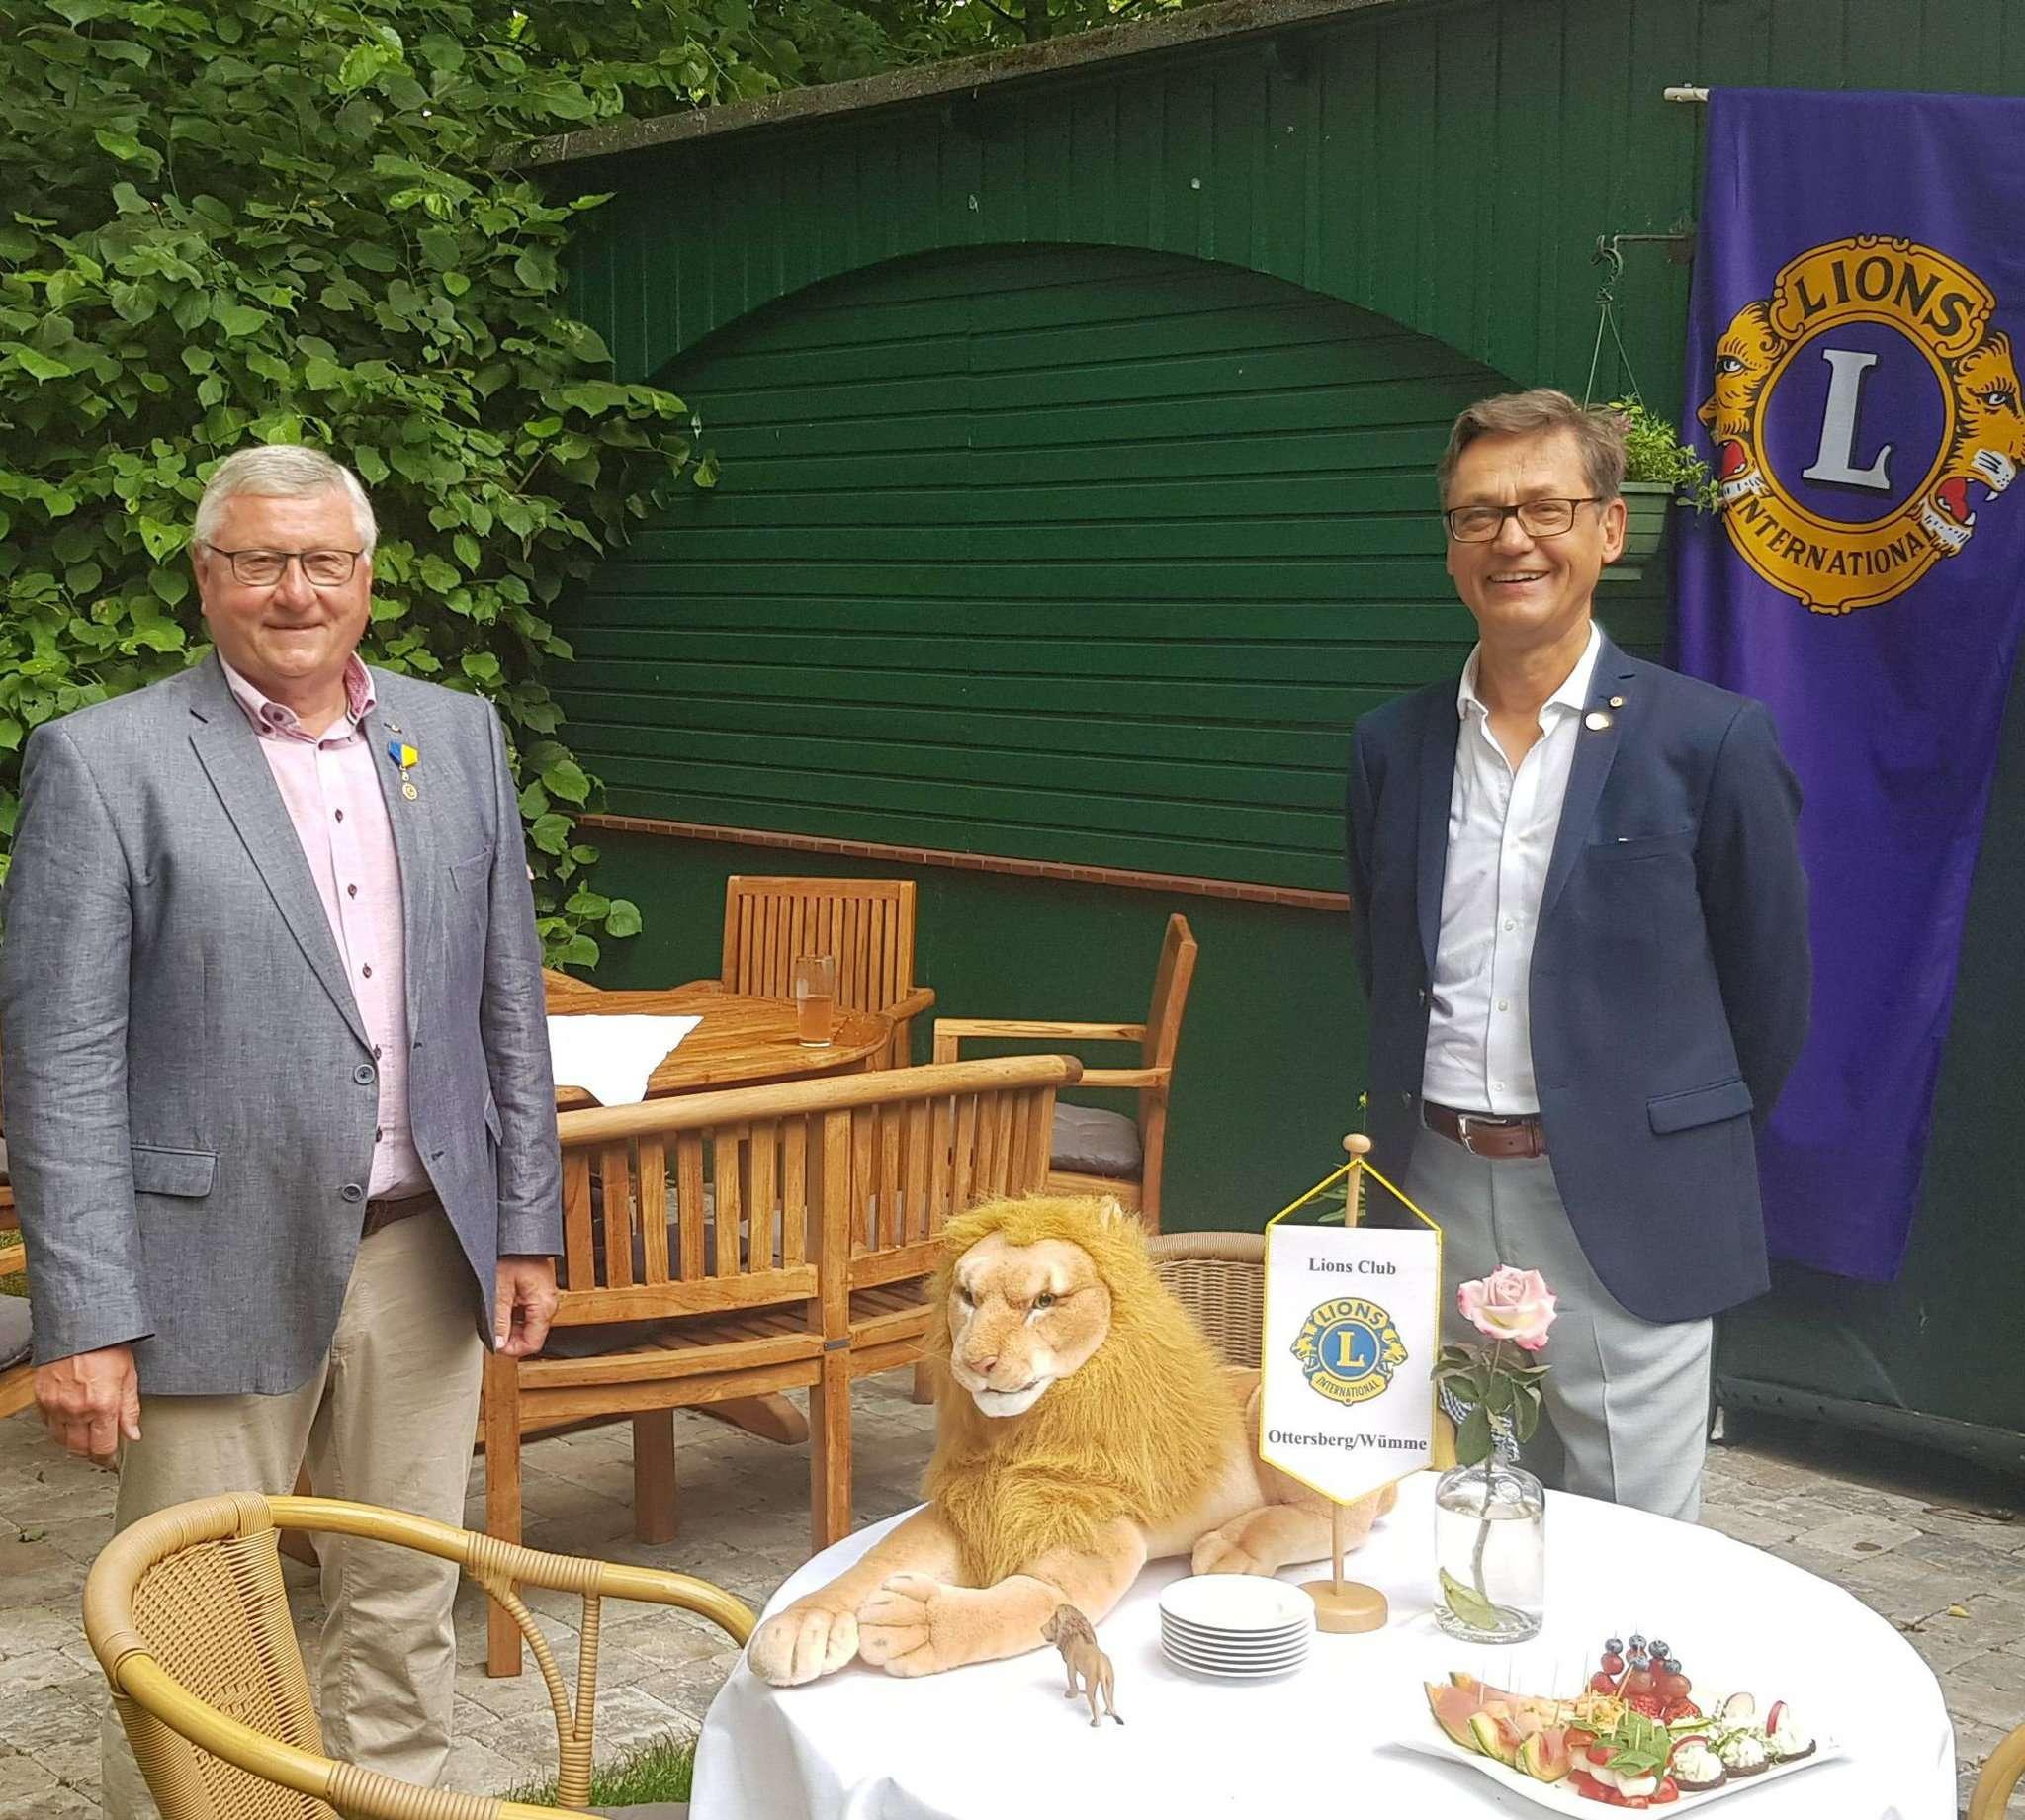 Der neue Präsident des Lions Clubs Ottersberg-Wümme, Walter Vorderstraße (rechts), und sein Vorgänger Geert Mehlhop